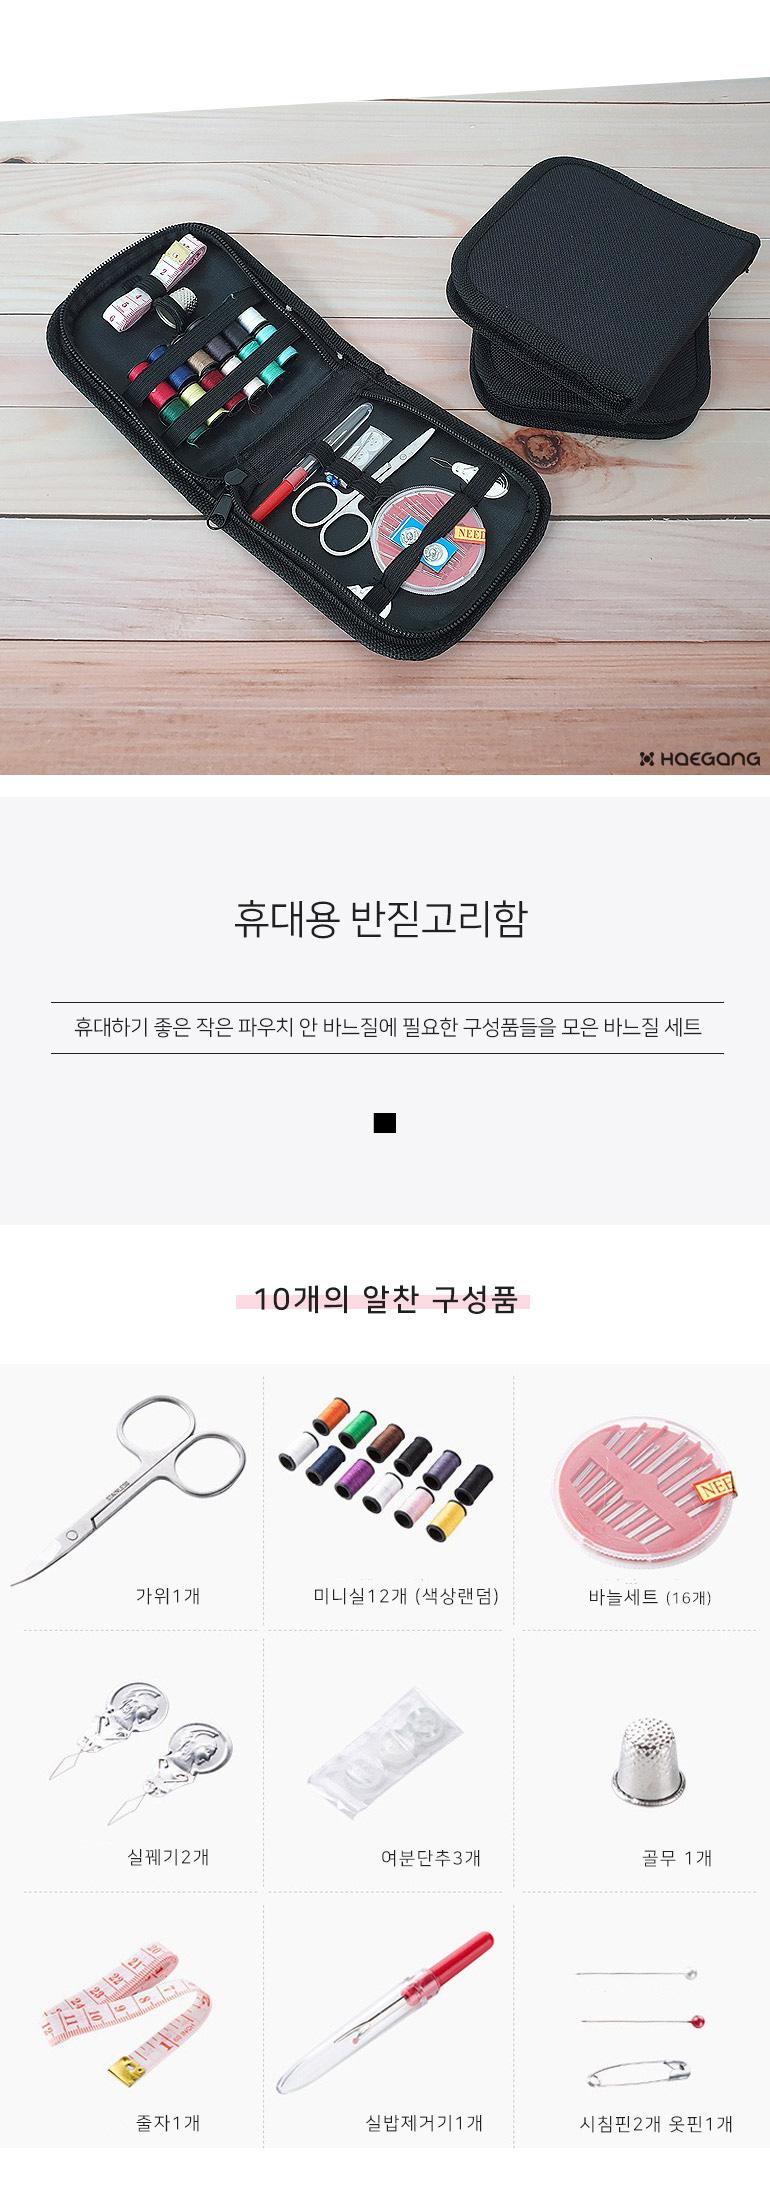 휴대용 반짇고리 세트 - 세일덕, 4,000원, 생활잡화, 반짇고리/바느질용품